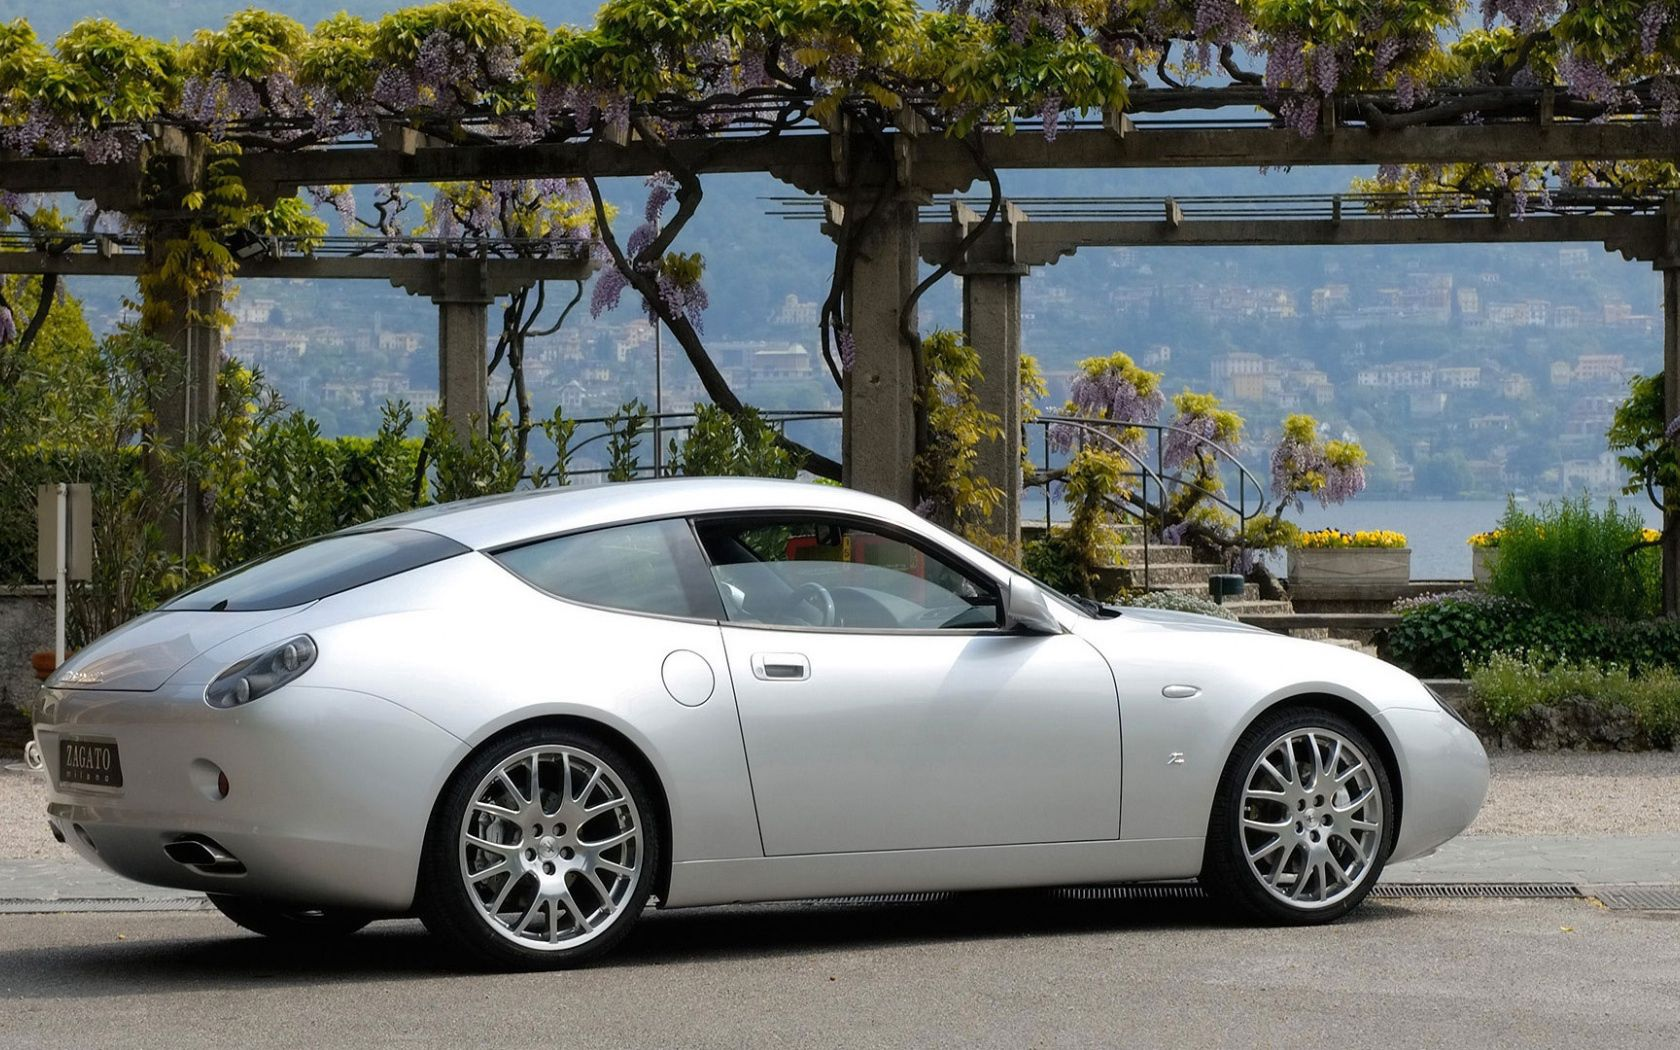 140767 Hintergrundbild herunterladen Maserati, Cars, Seitenansicht, Zagato, Gs - Bildschirmschoner und Bilder kostenlos